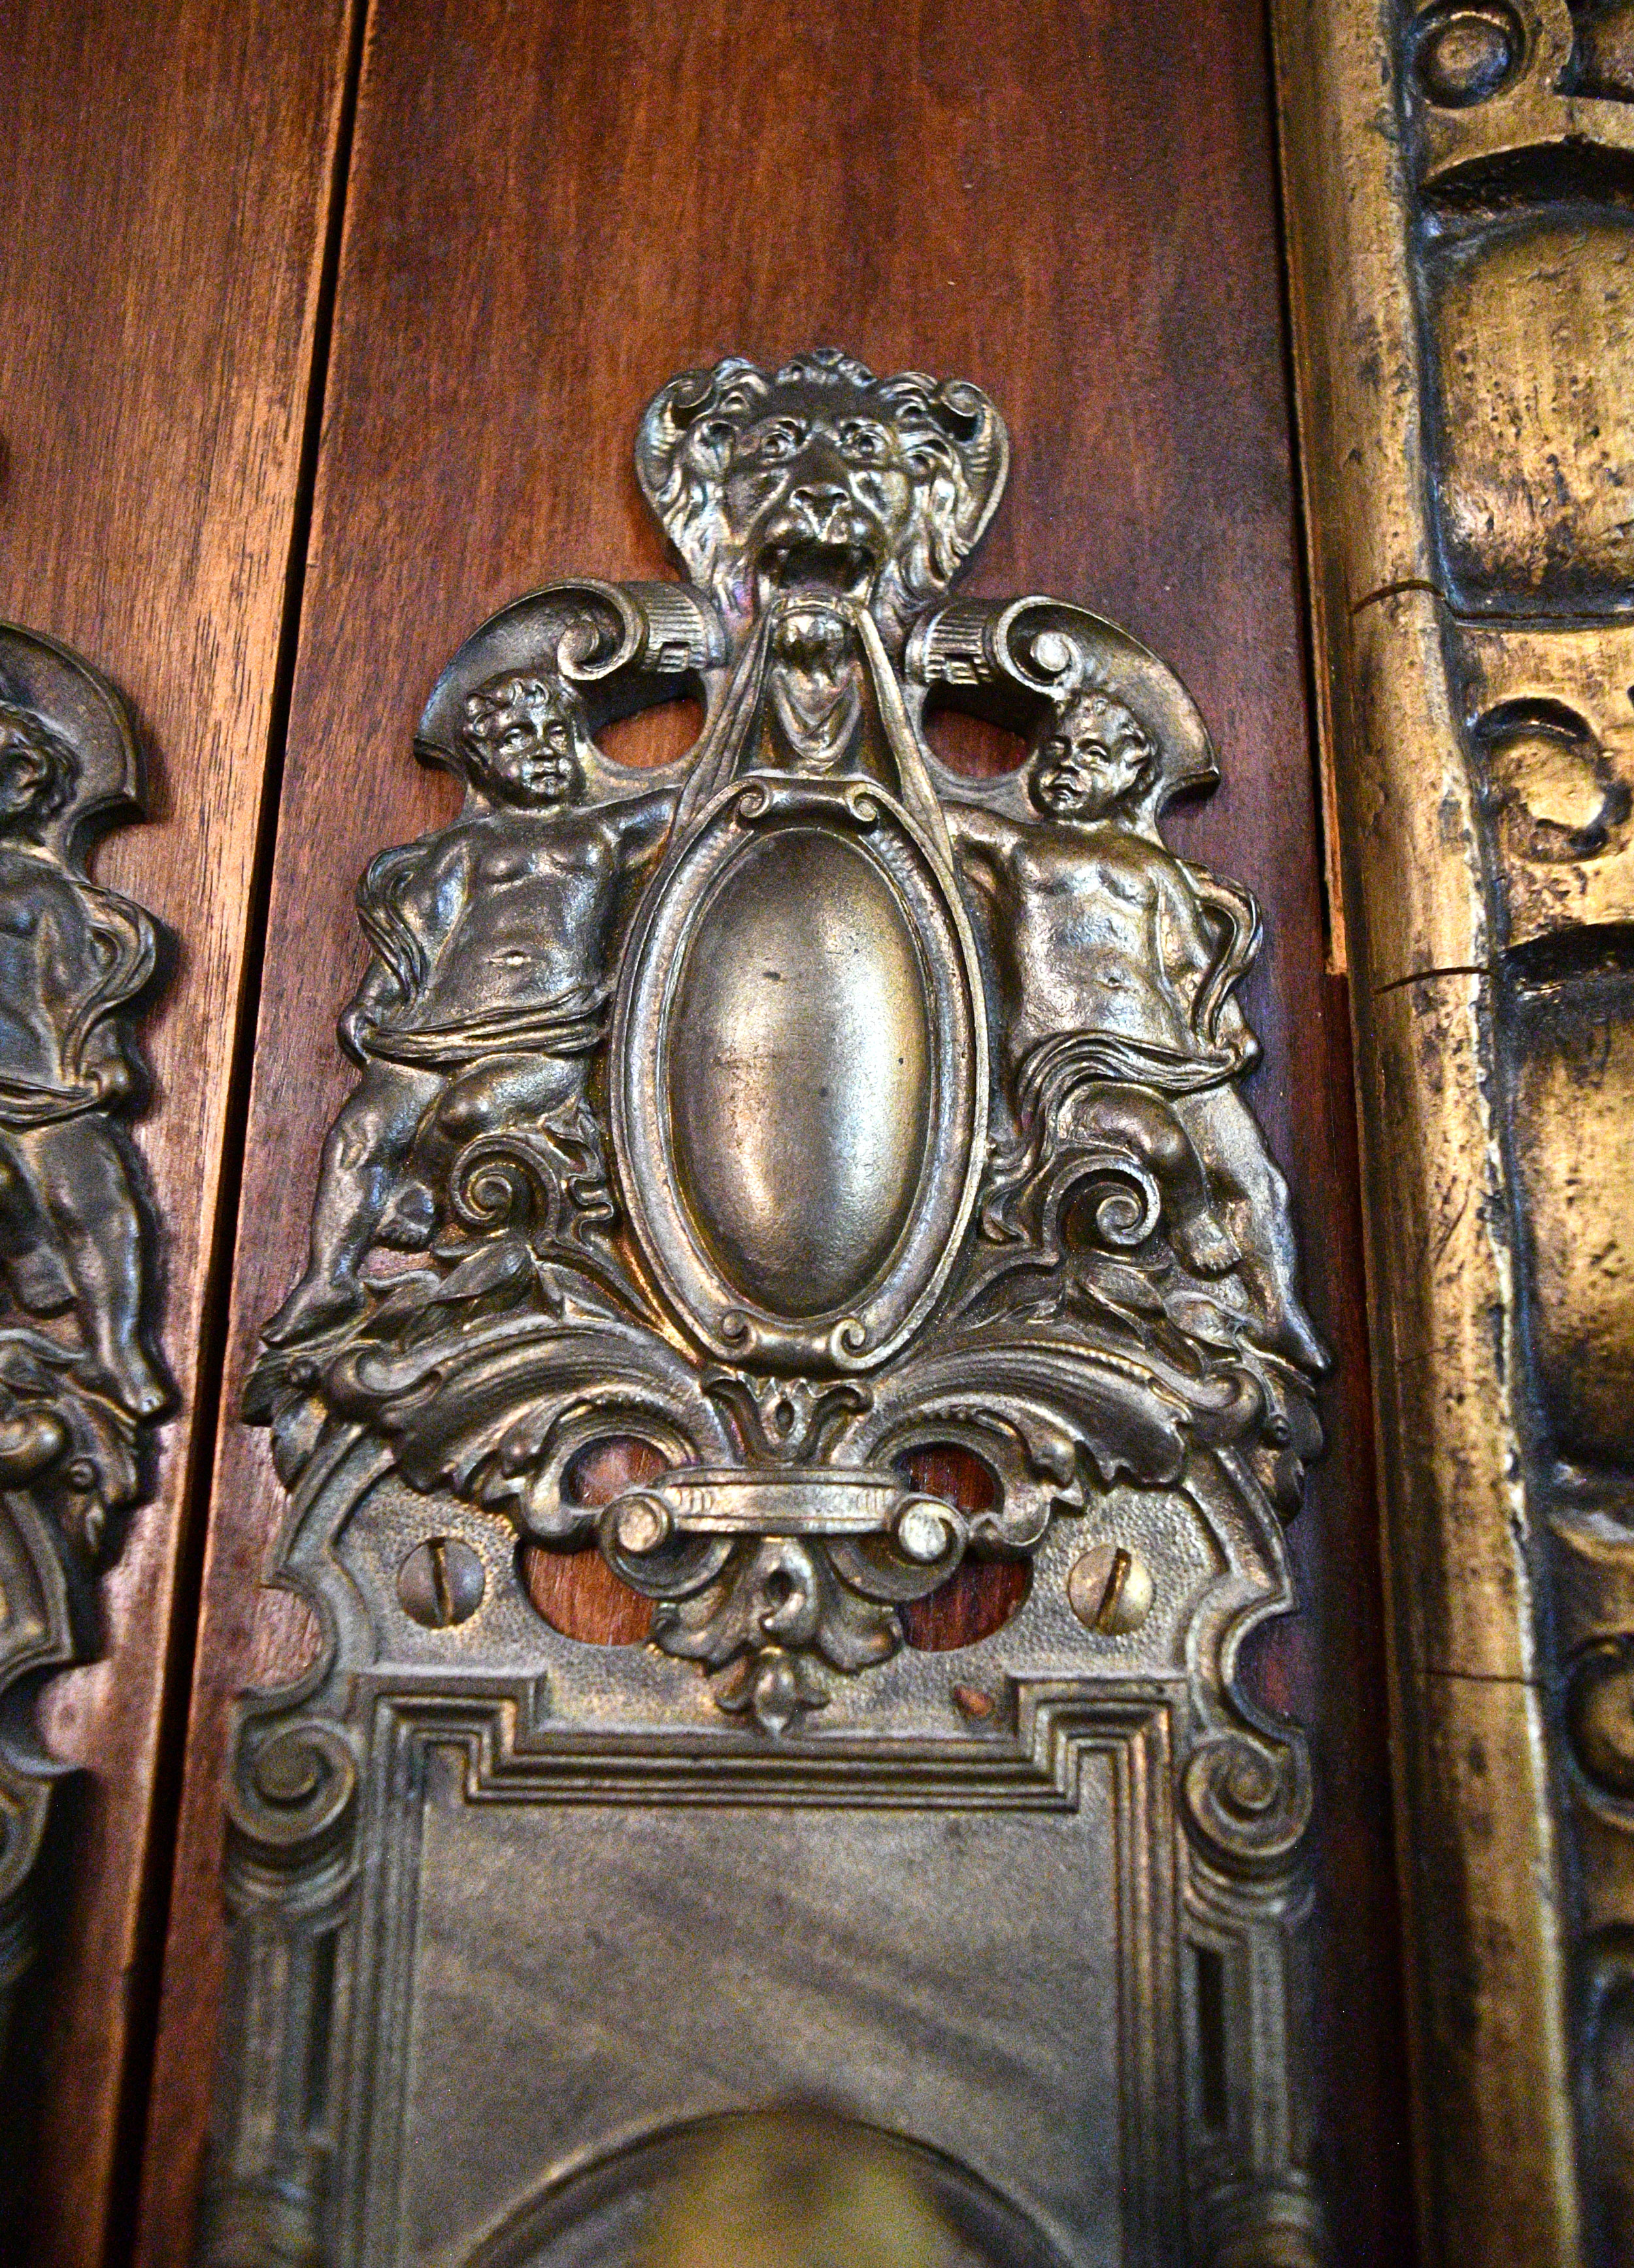 plaster-ornamentation-door-4.jpg